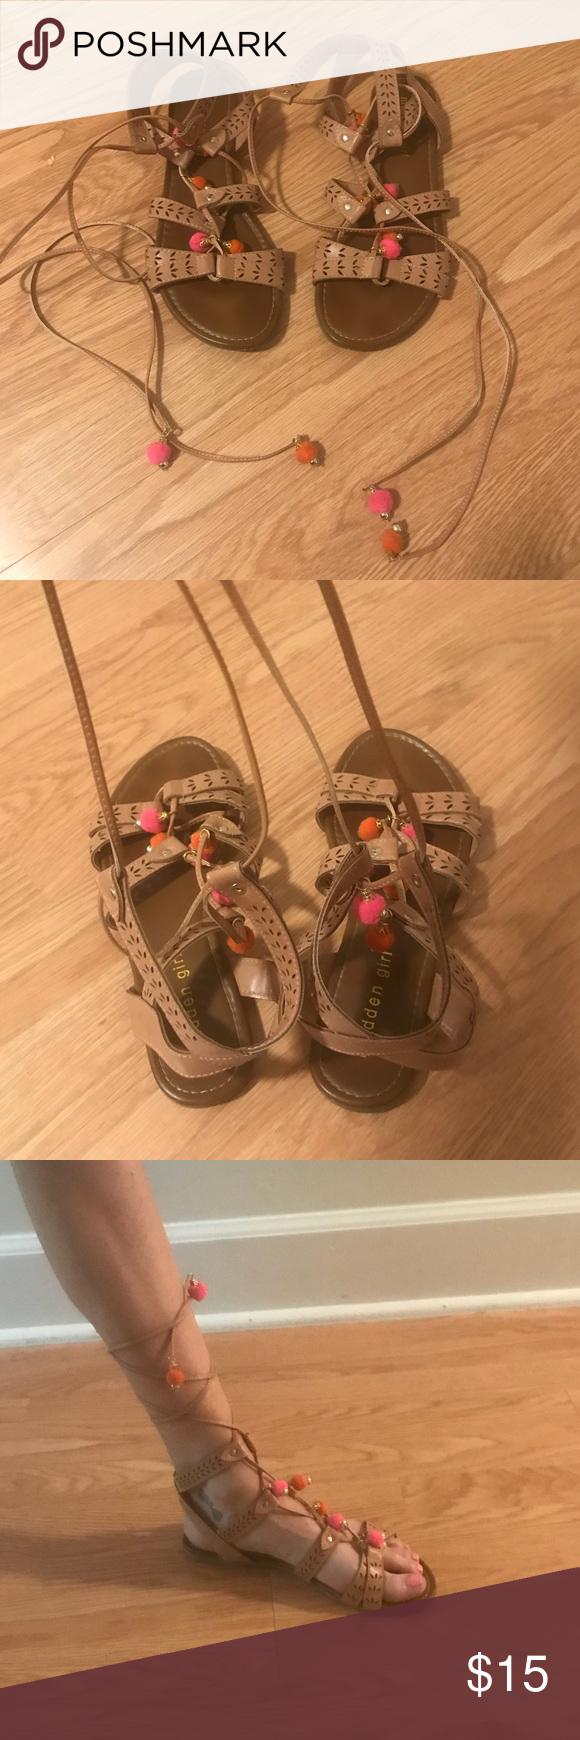 ee180293aa34 Steve Madden pom pom sandals. Steve Madden pom pom sandals Lace up sandals  madden girl ...